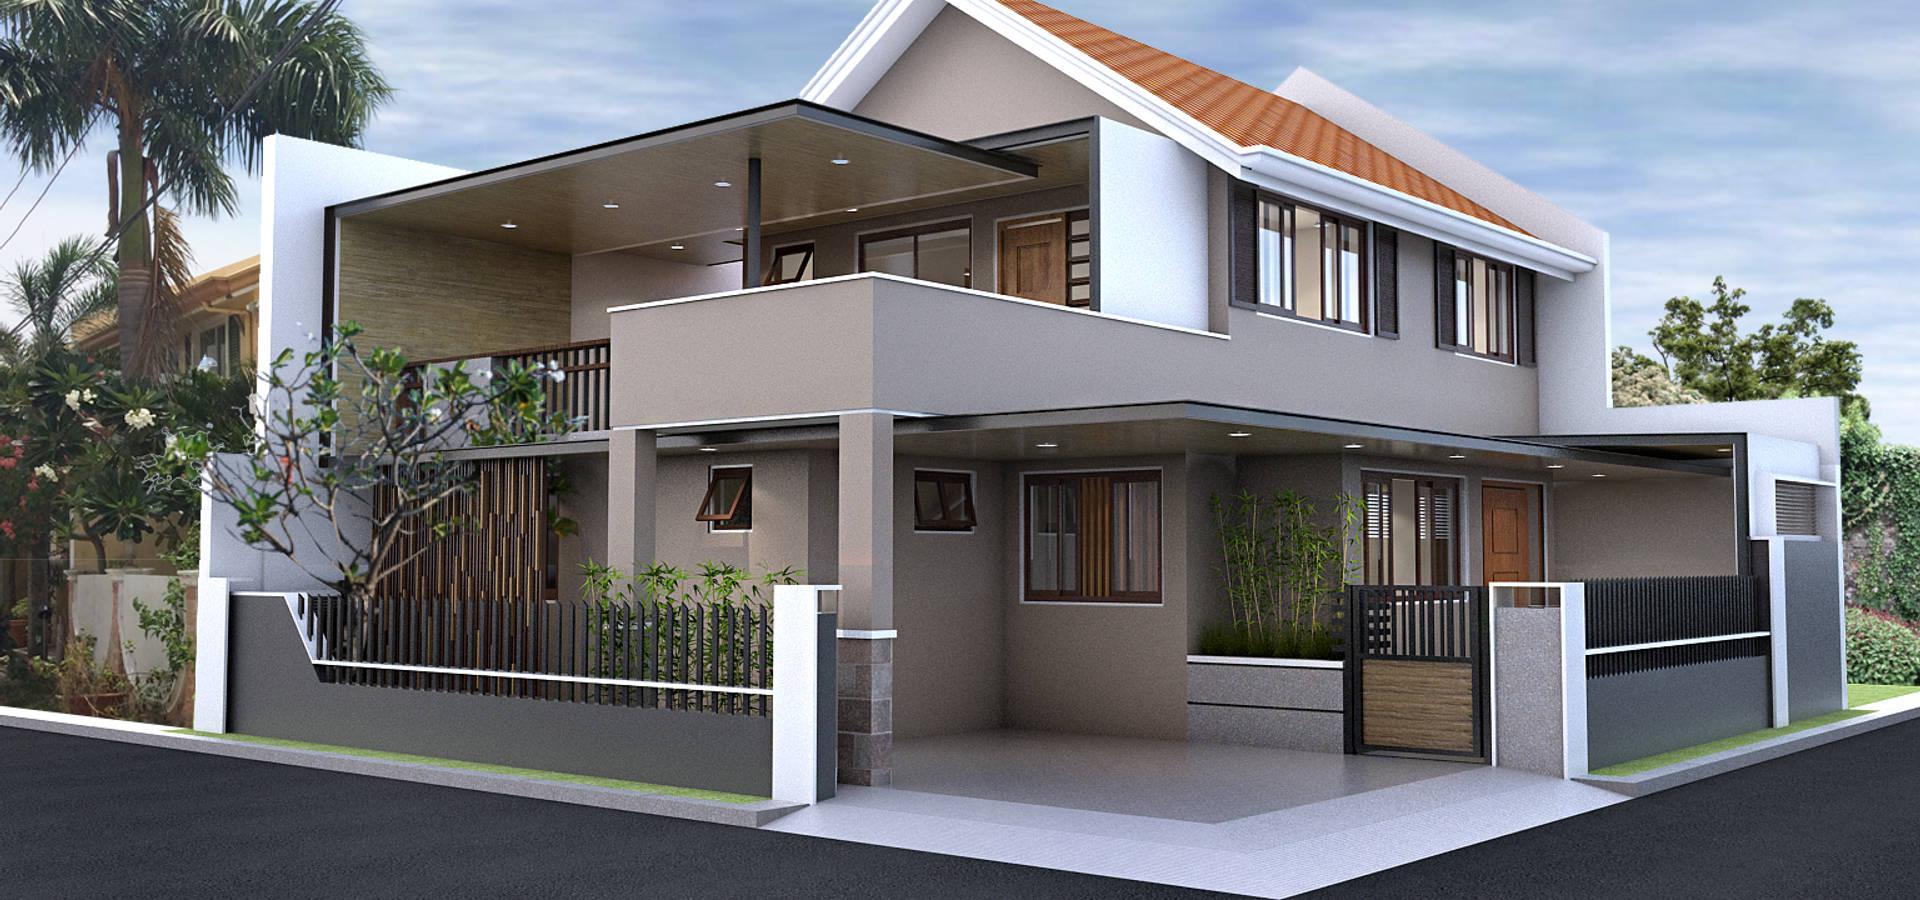 Architecture Creates Your Environment Design Studio